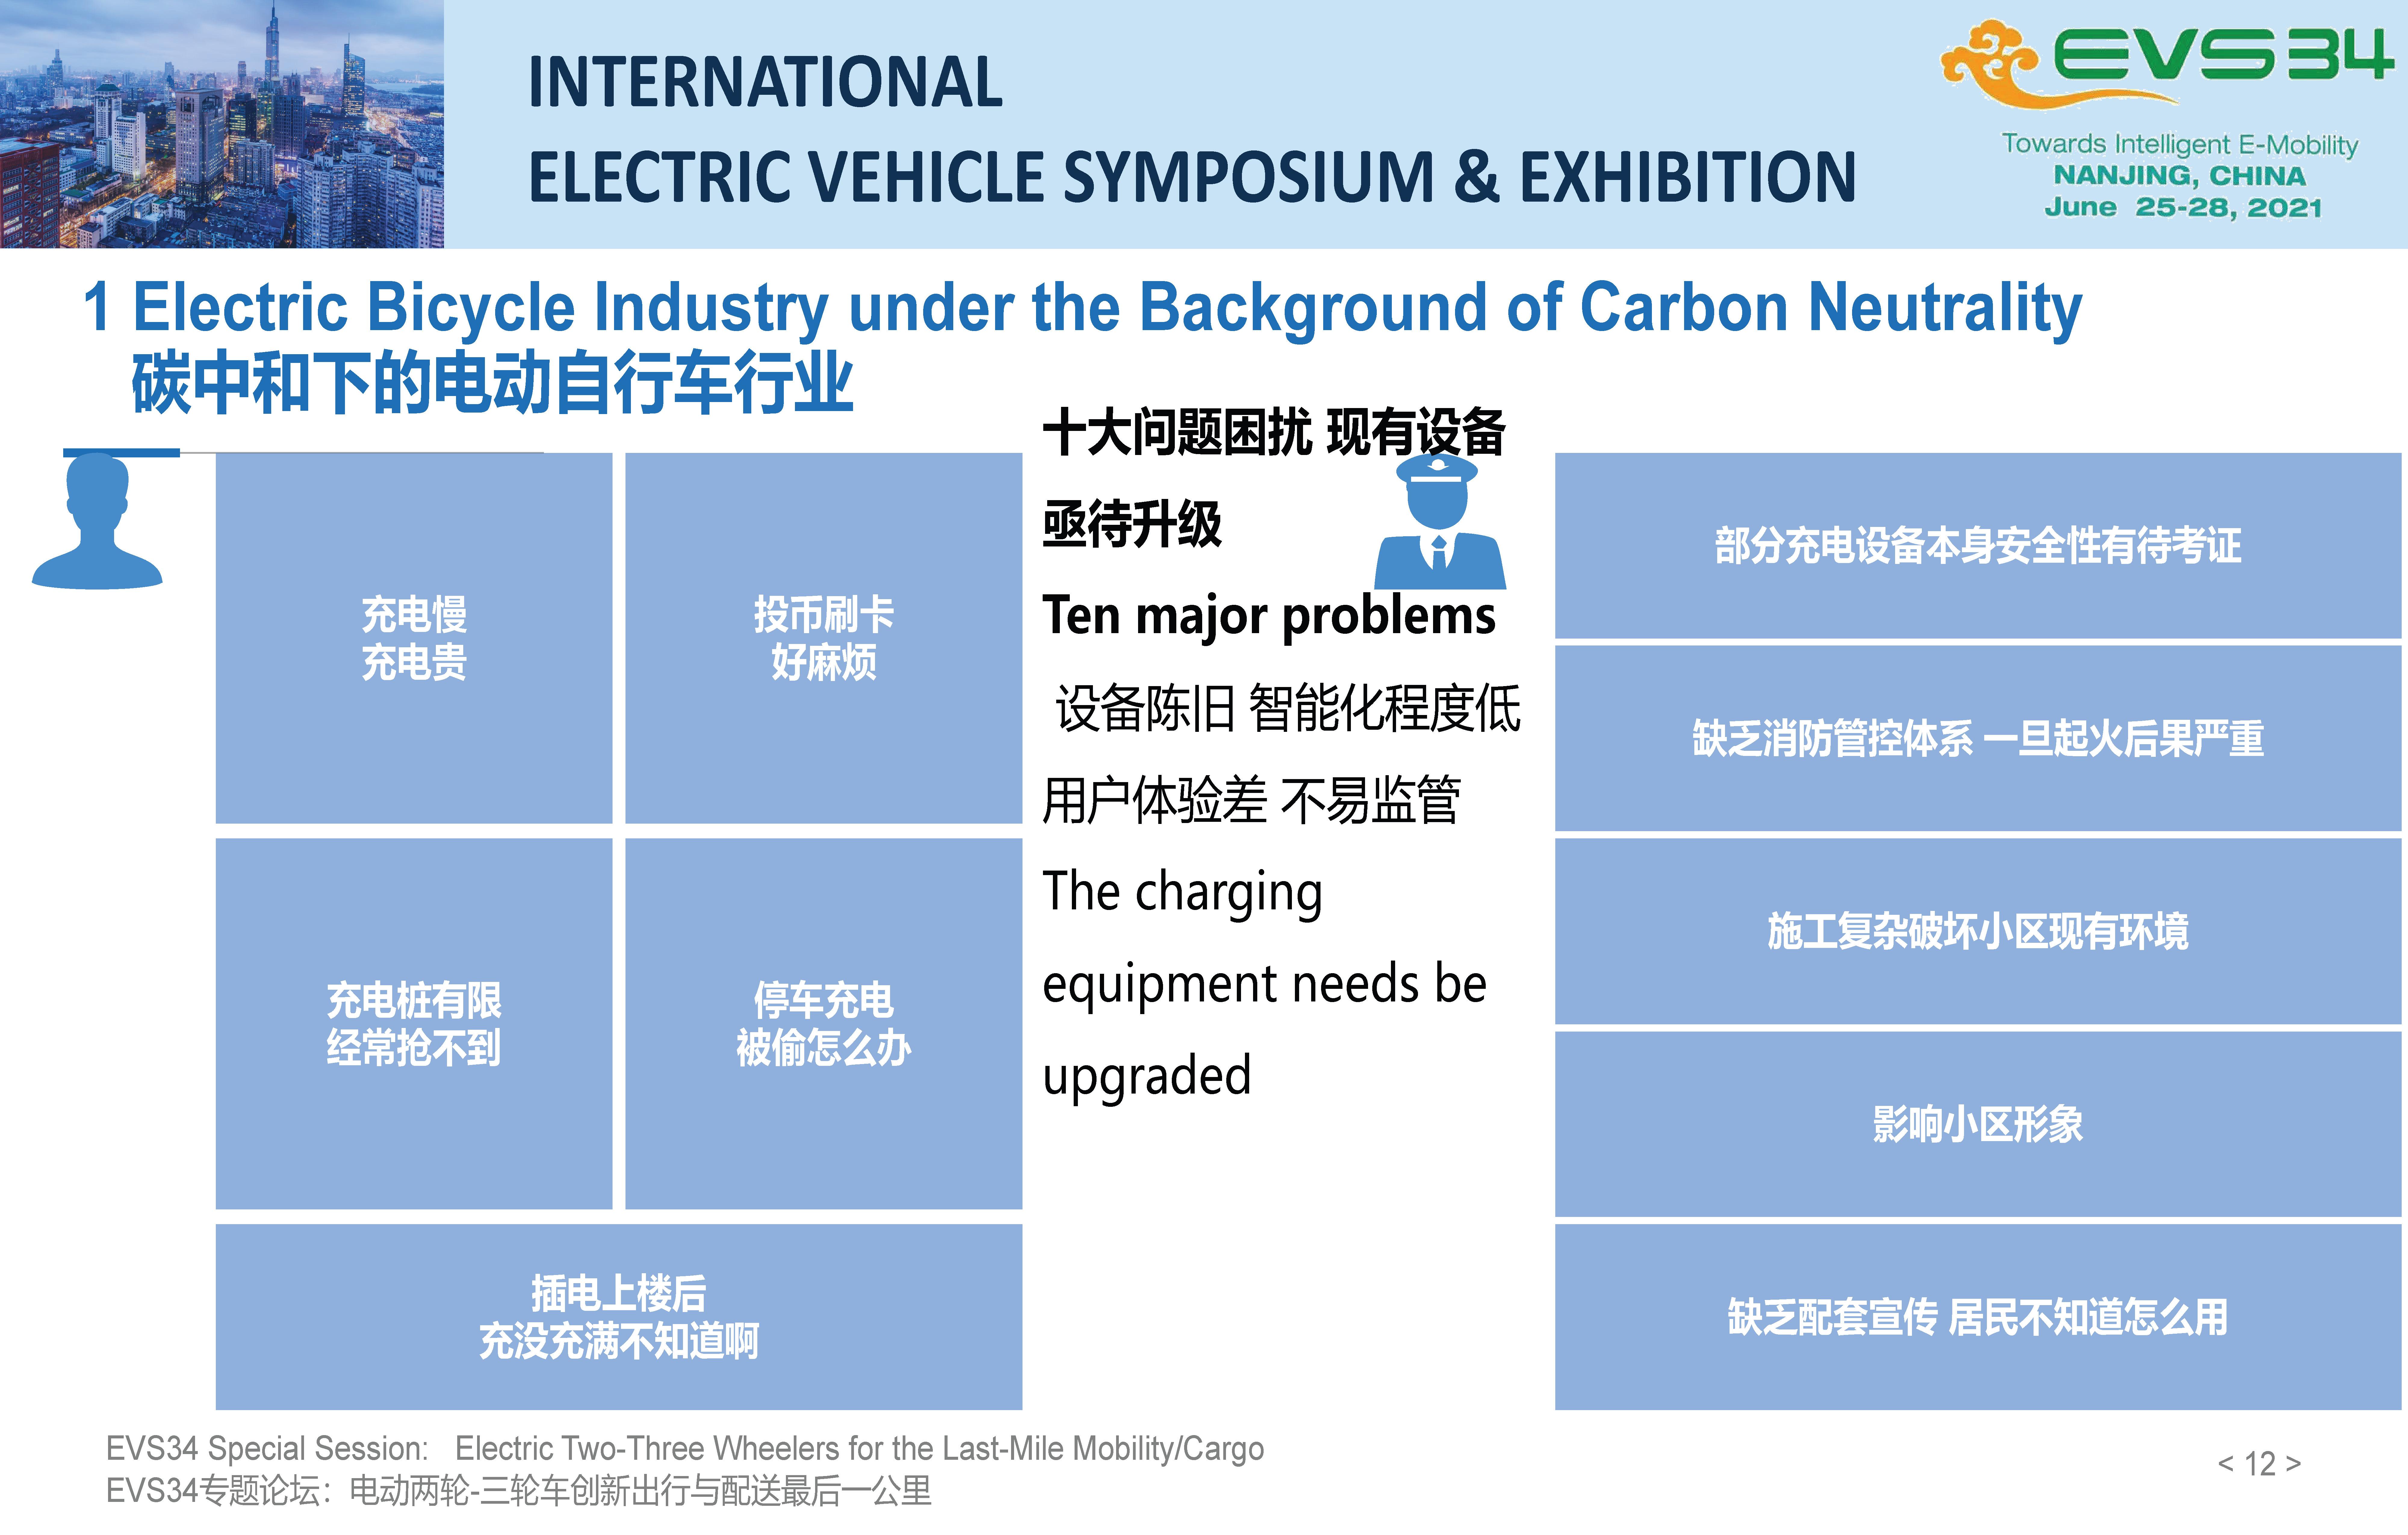 杭州中恒电气副总裁刘洁:换电技术在电动自行车行业领域的应用